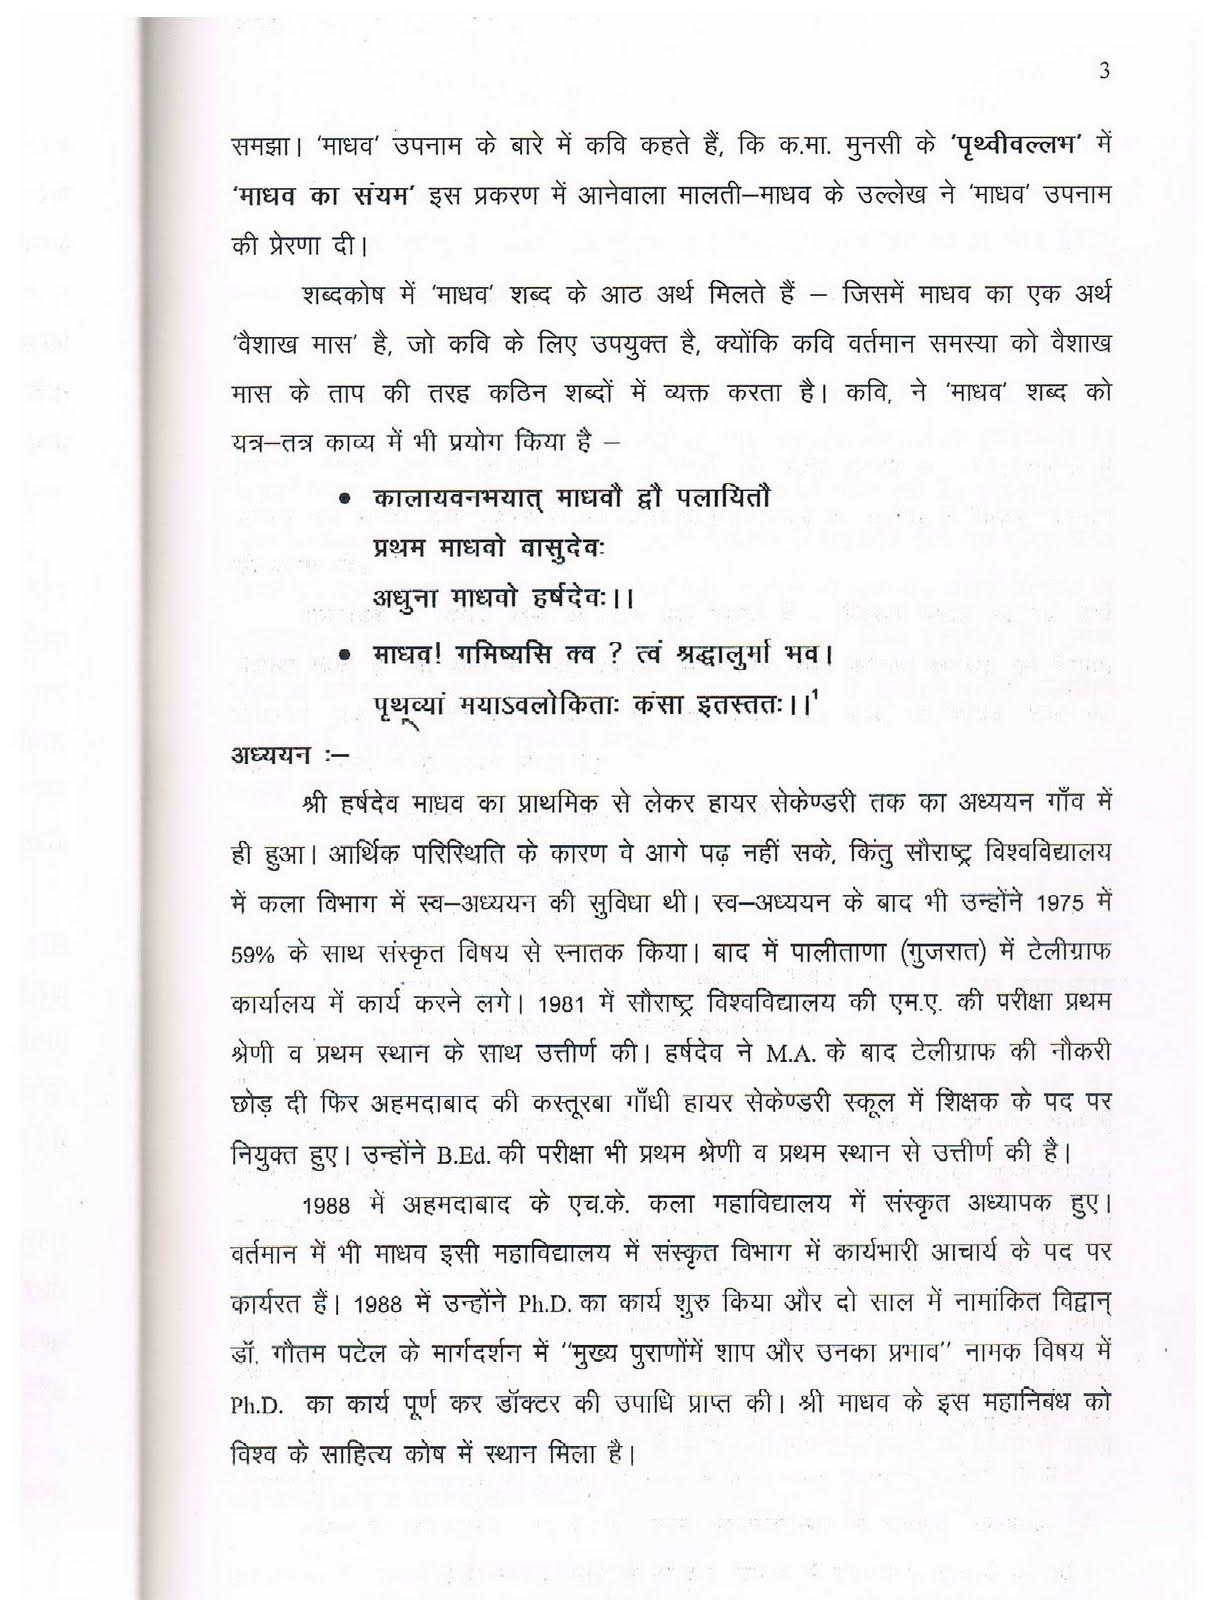 mera parichay essay in sanskrit